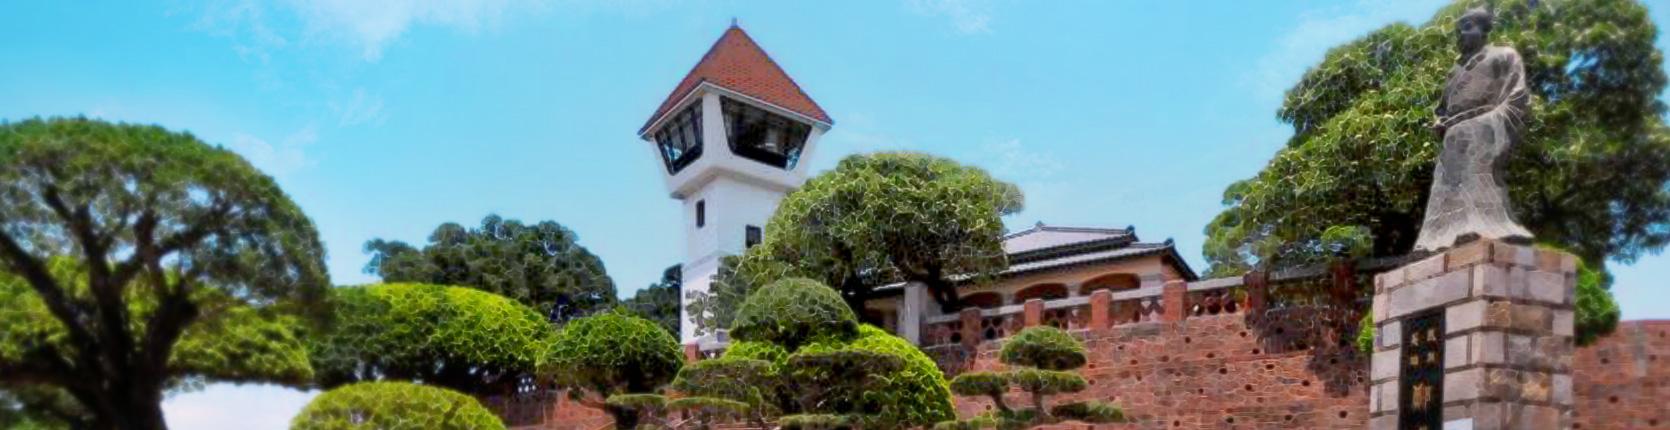 安平古堡-此為臺南市政府文化局古蹟營運科形象廣告播放輪播